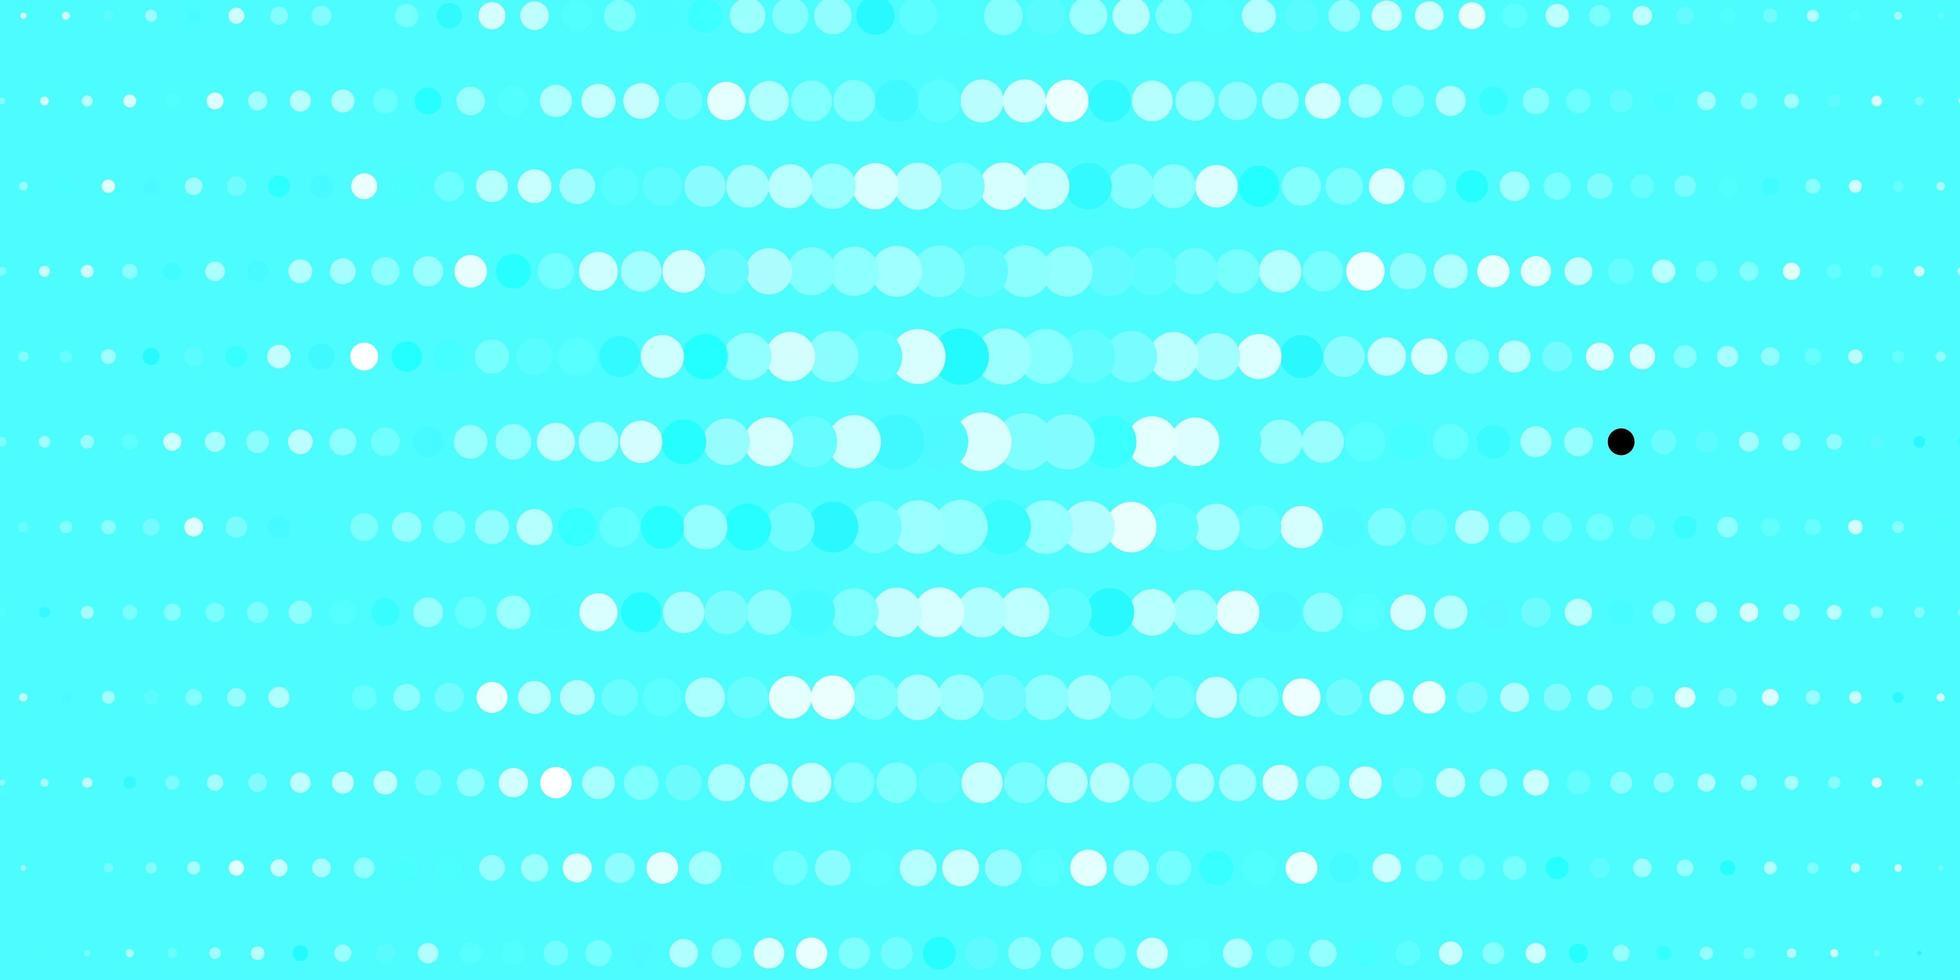 blått mönster med sfärer. vektor